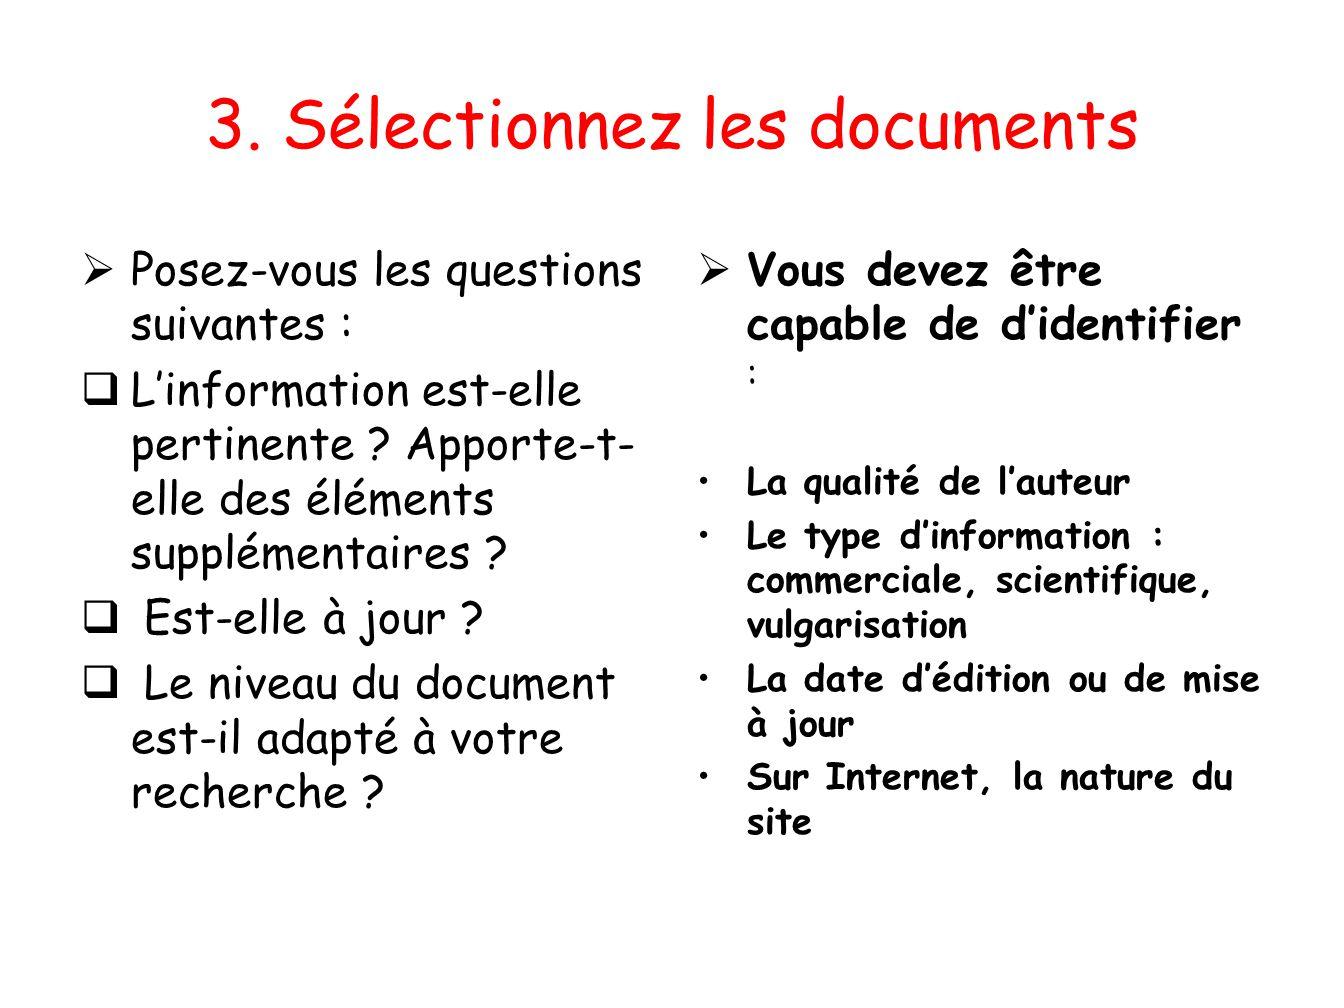 3. Sélectionnez les documents Posez-vous les questions suivantes : Linformation est-elle pertinente ? Apporte-t- elle des éléments supplémentaires ? E